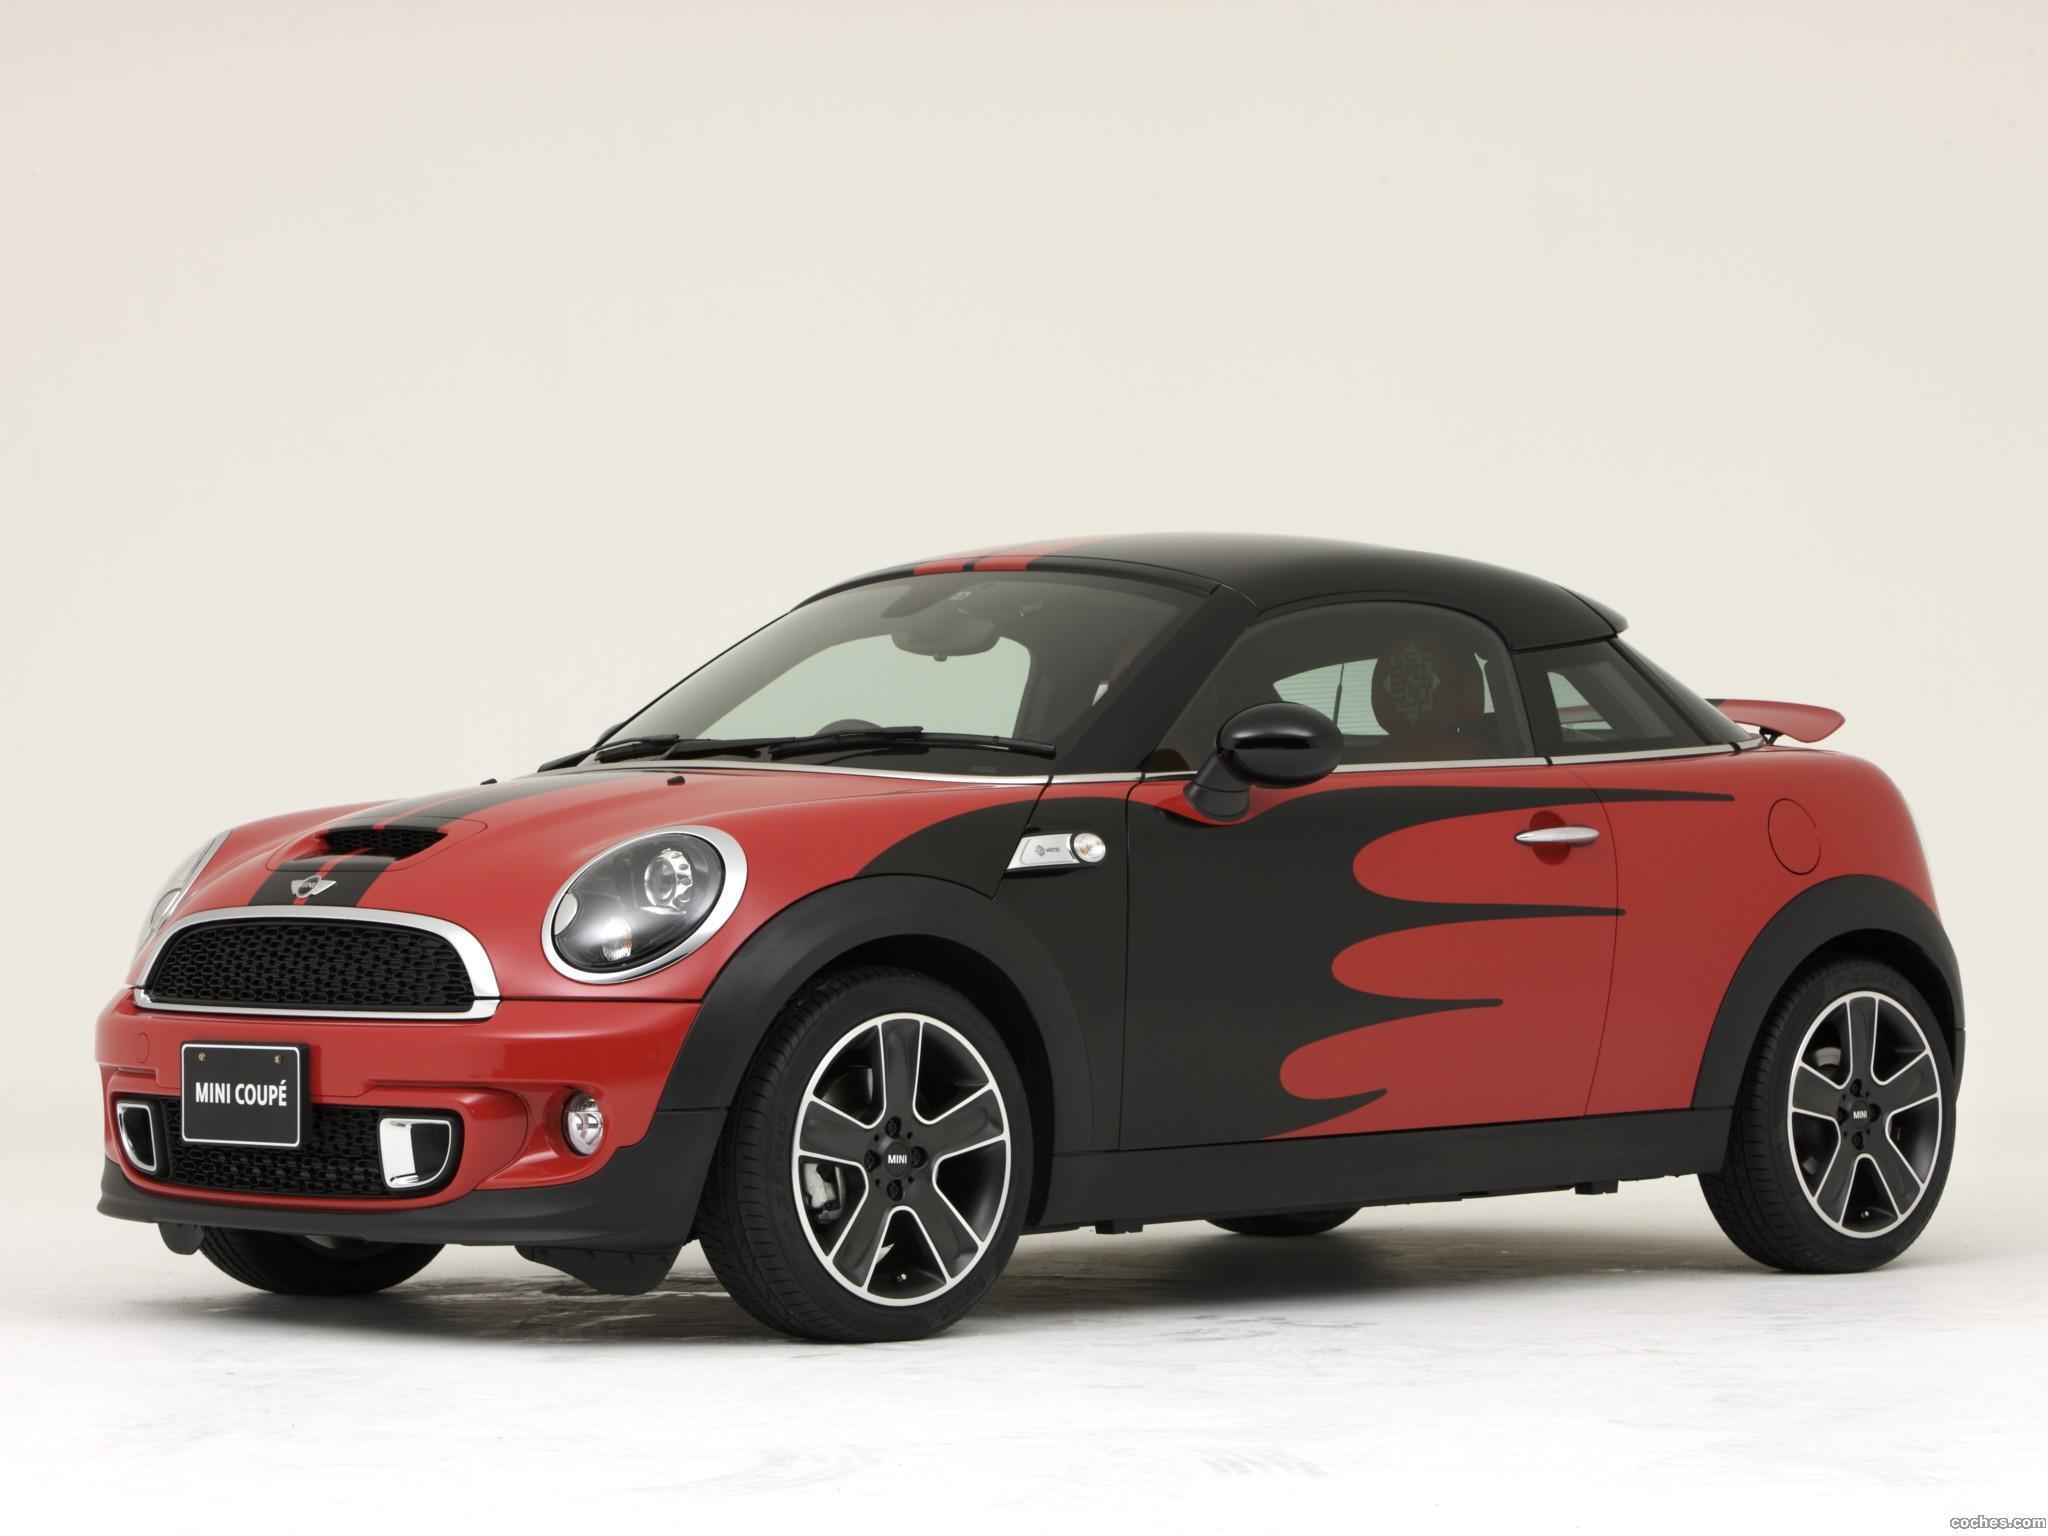 mini_cooper-s-coupe-hotei-2012_r8